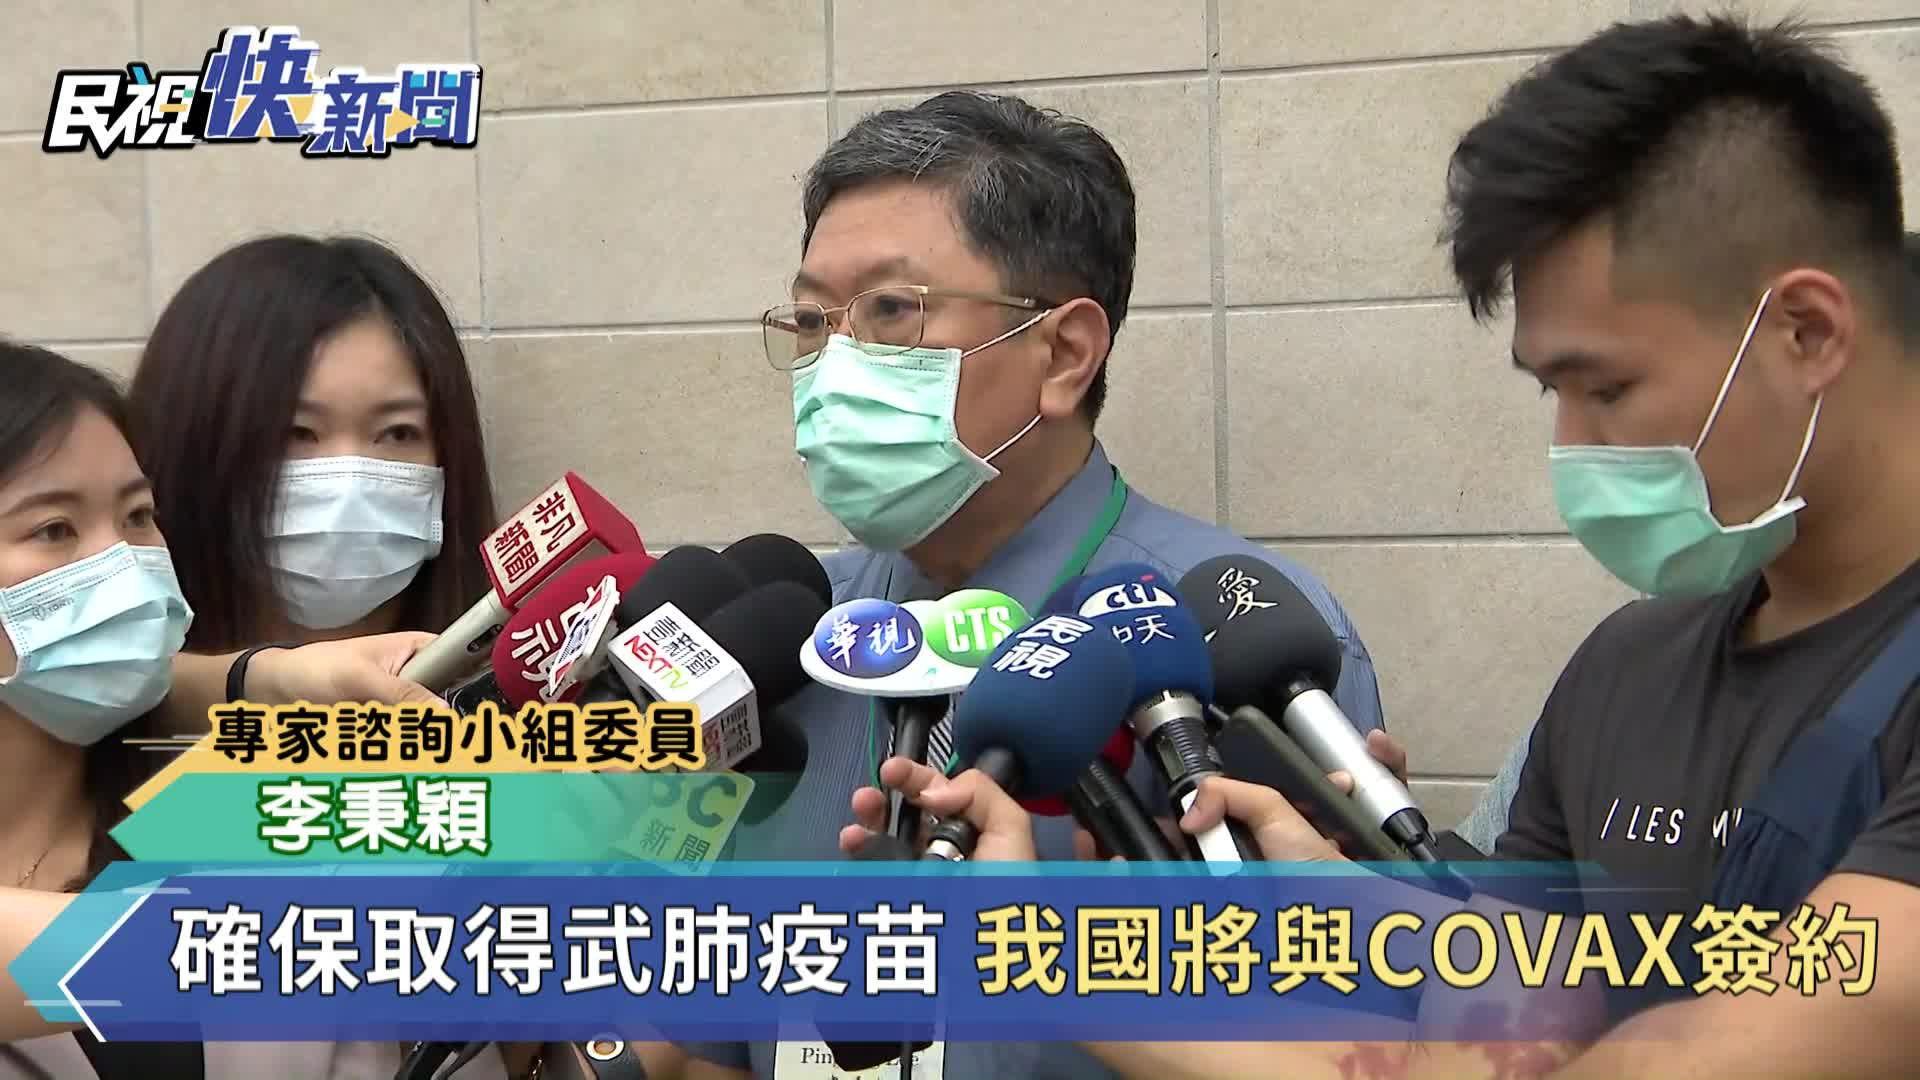 快新聞/台灣將與COVAX簽約 能否選疫苗是最大重點